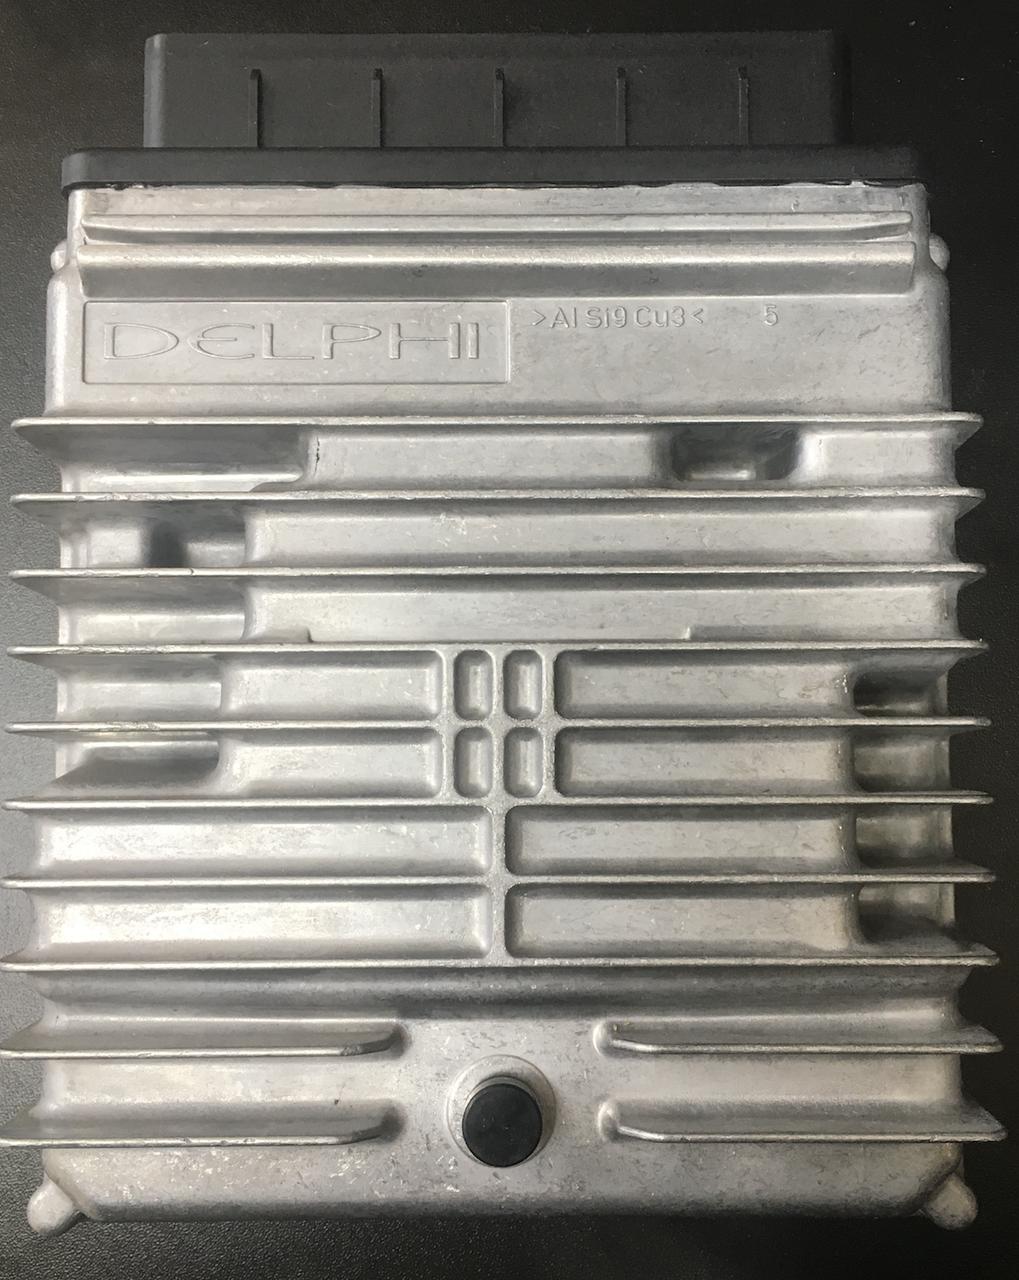 9X43-12A650-BA, 9X4312A650BA